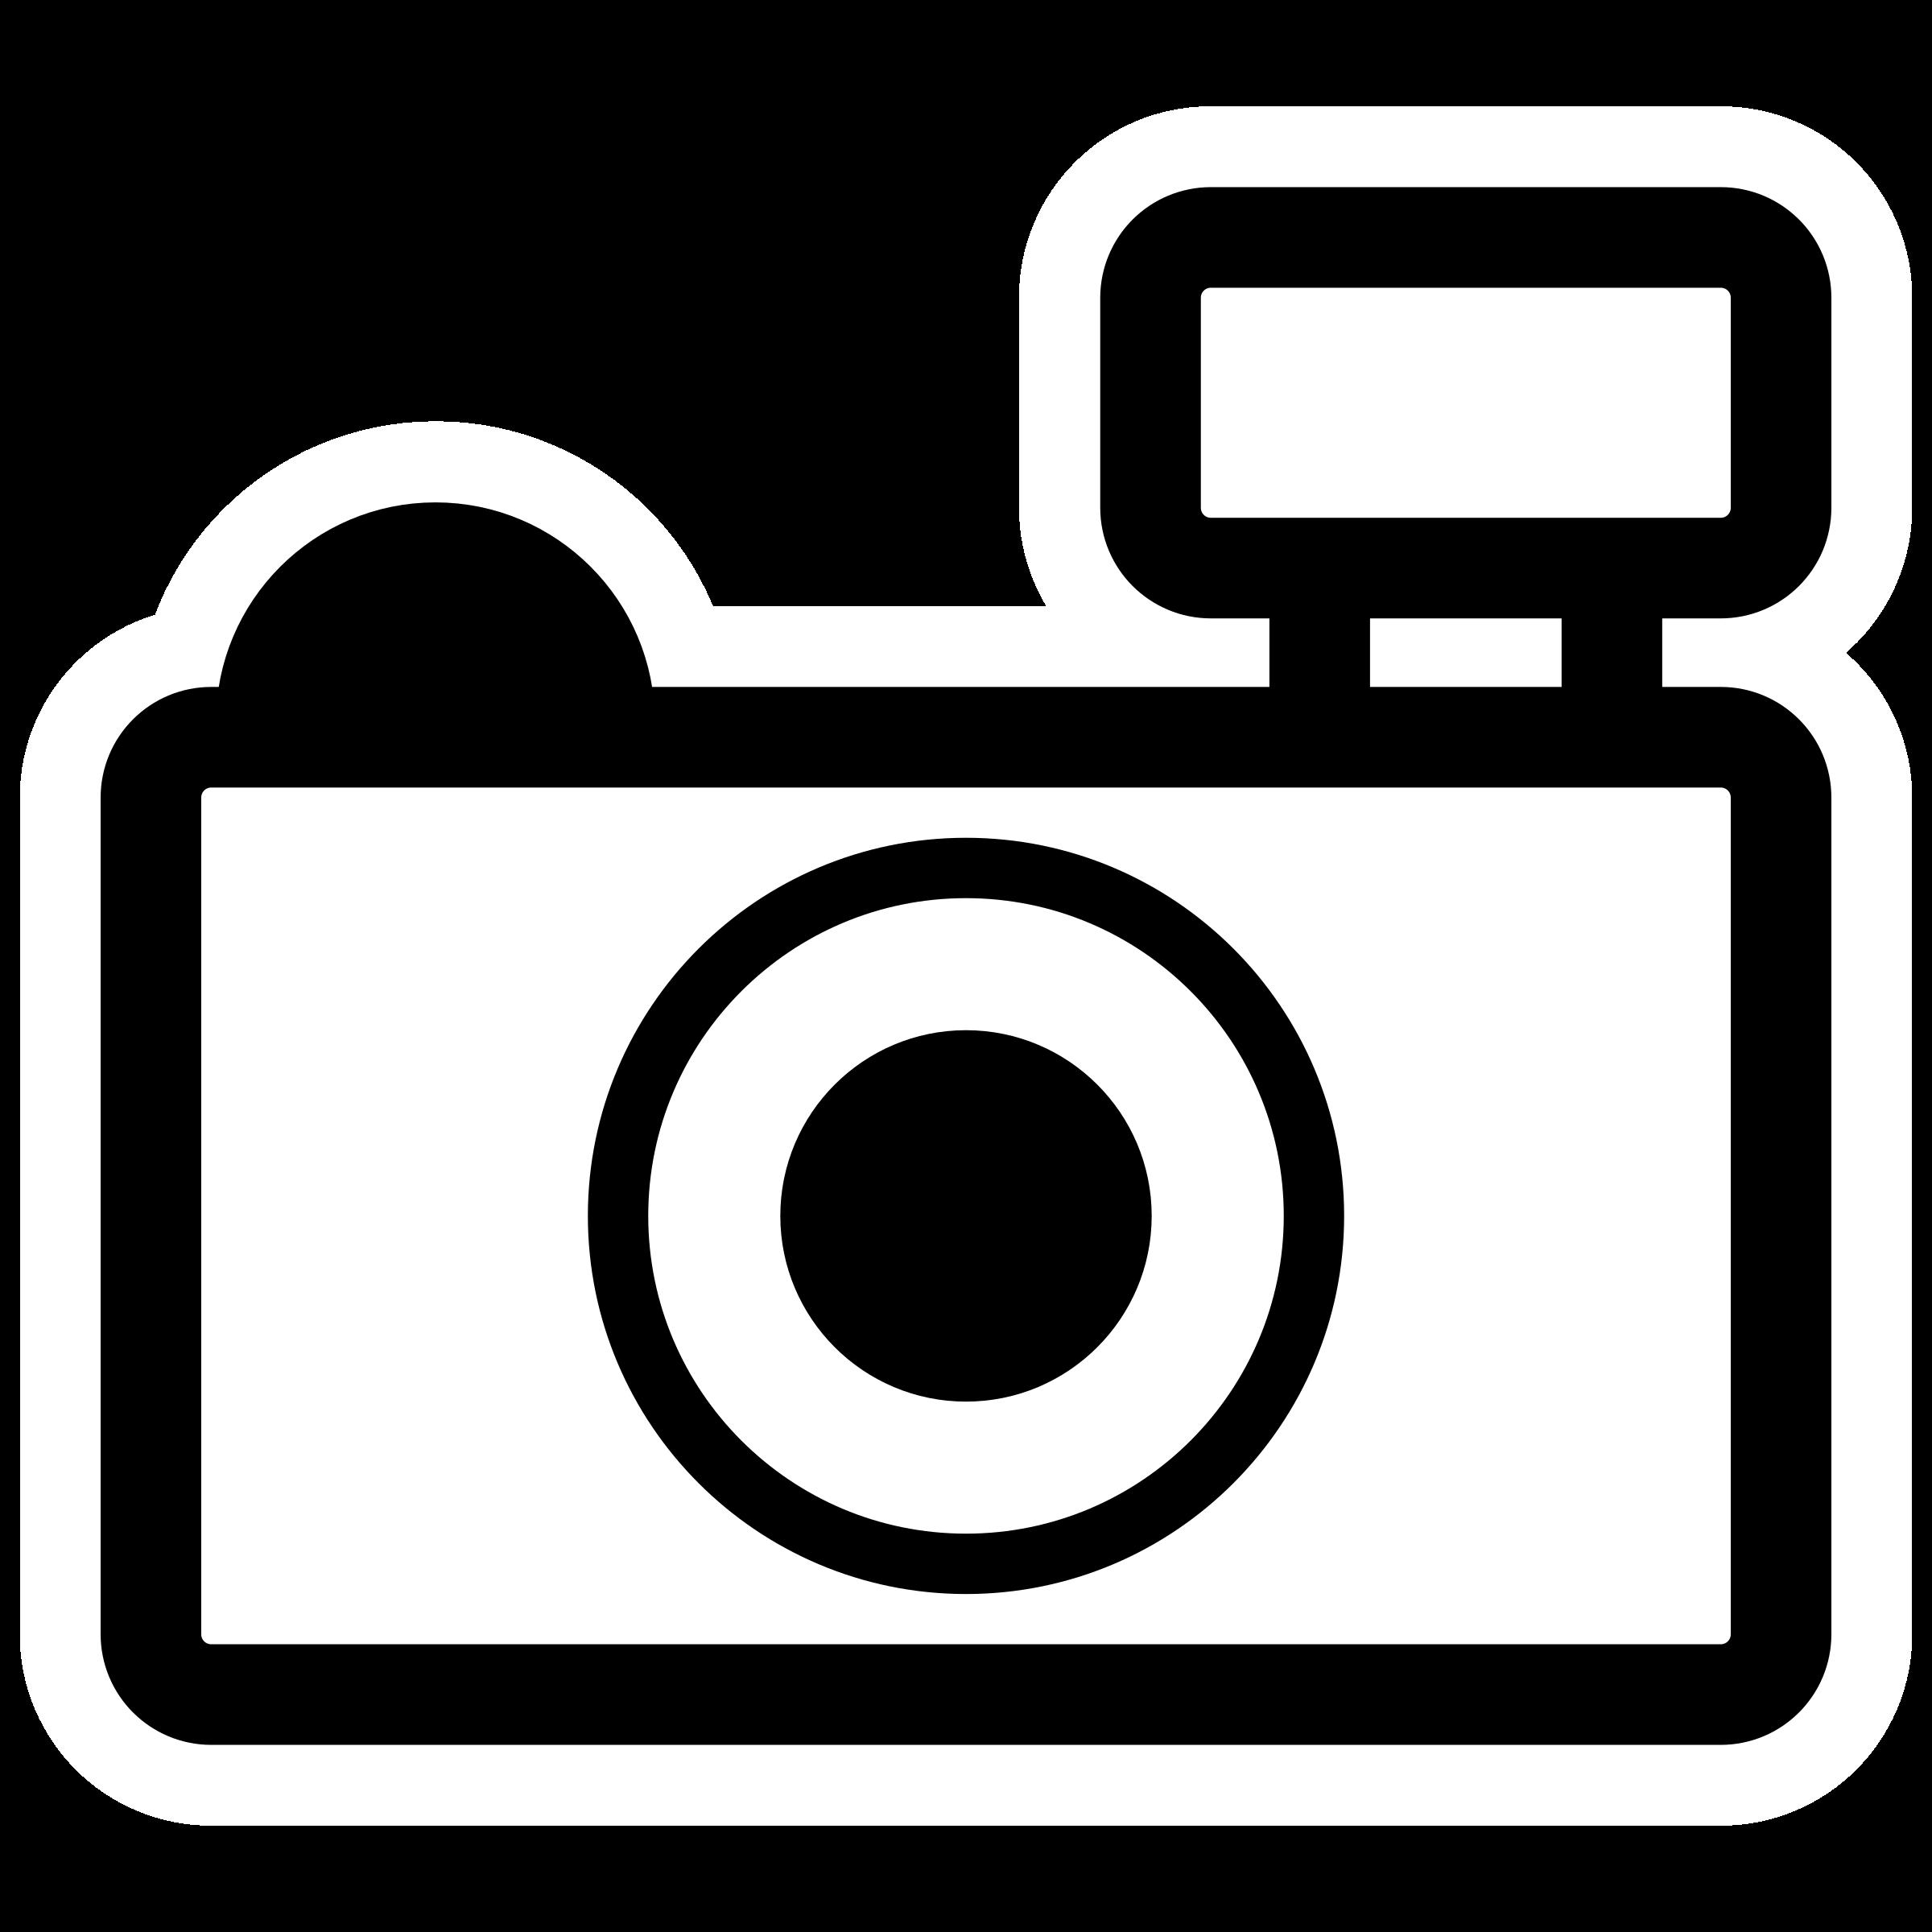 Page of clipartblack com. Clipart camera outline